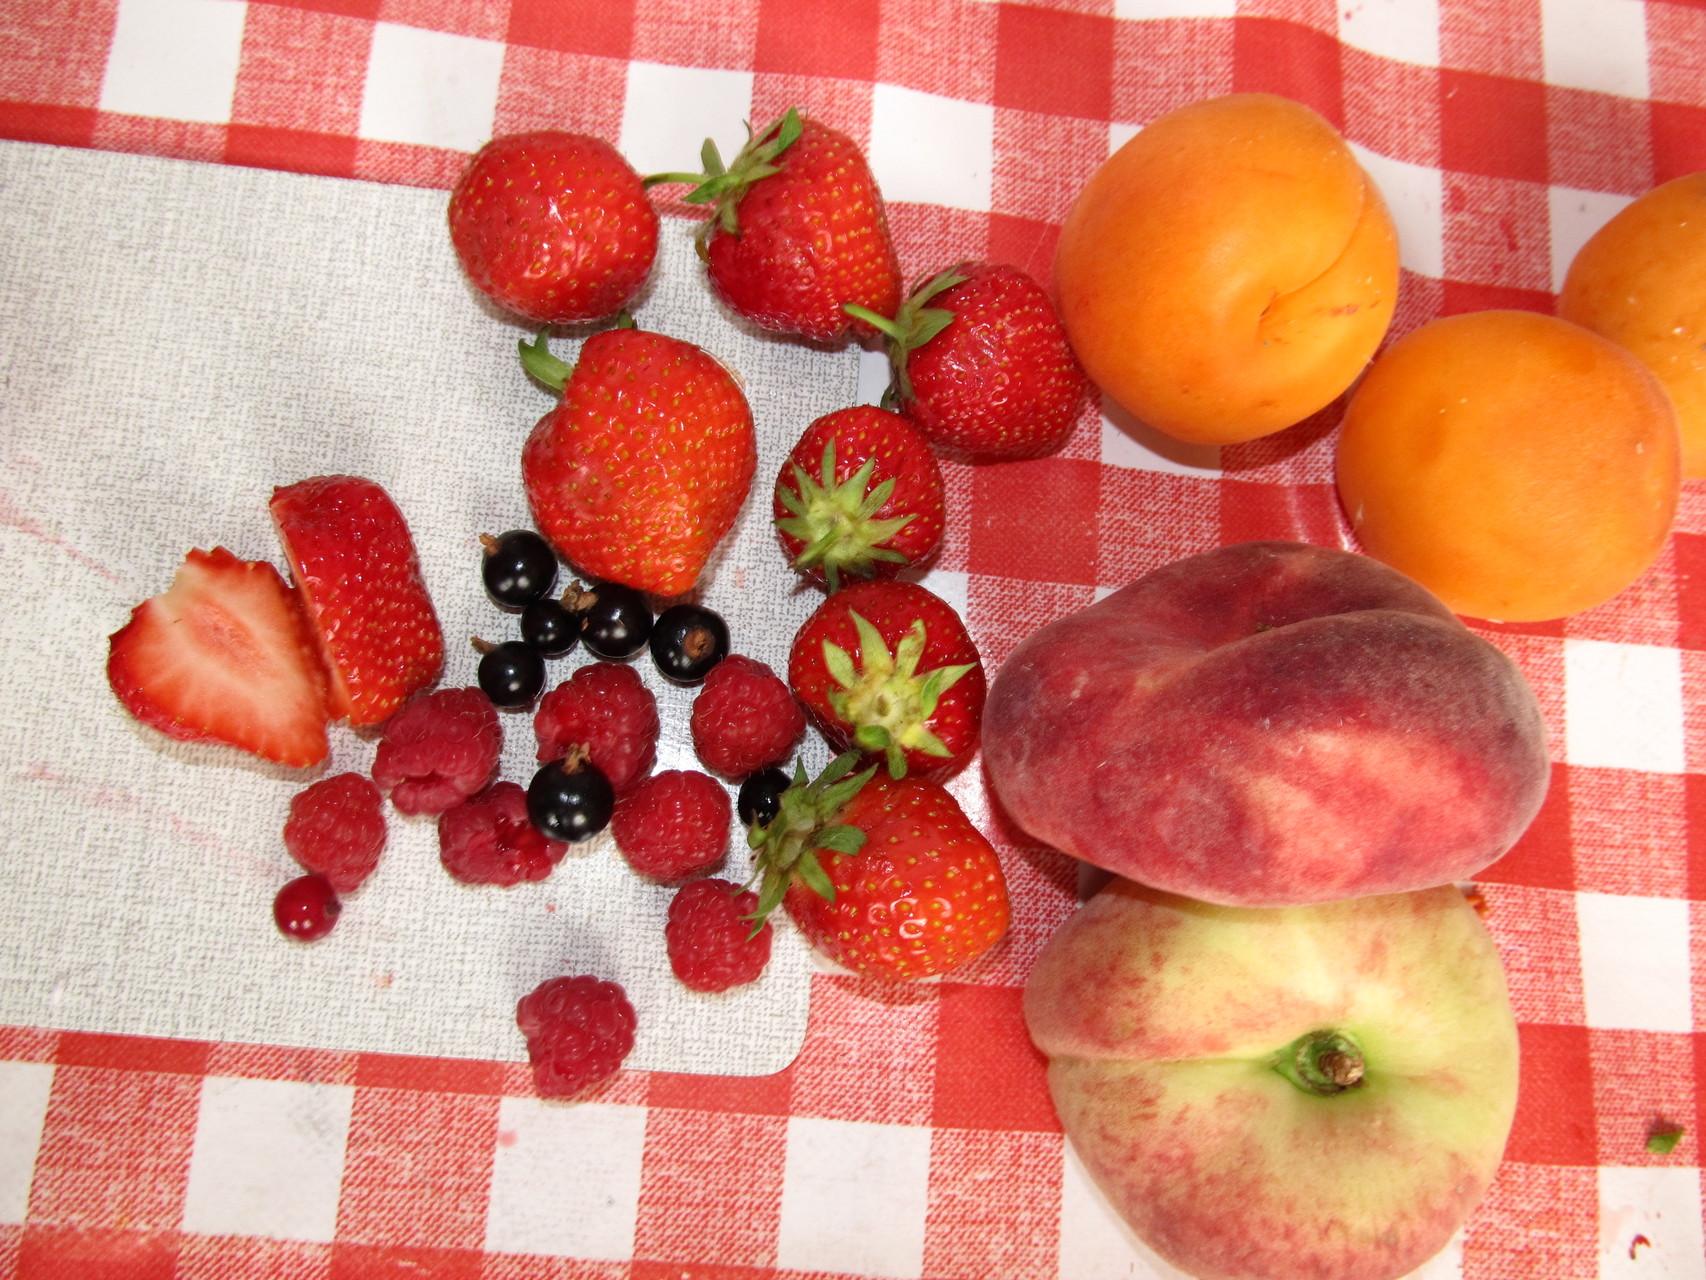 Wir verwenden frisches und regionales Obst!